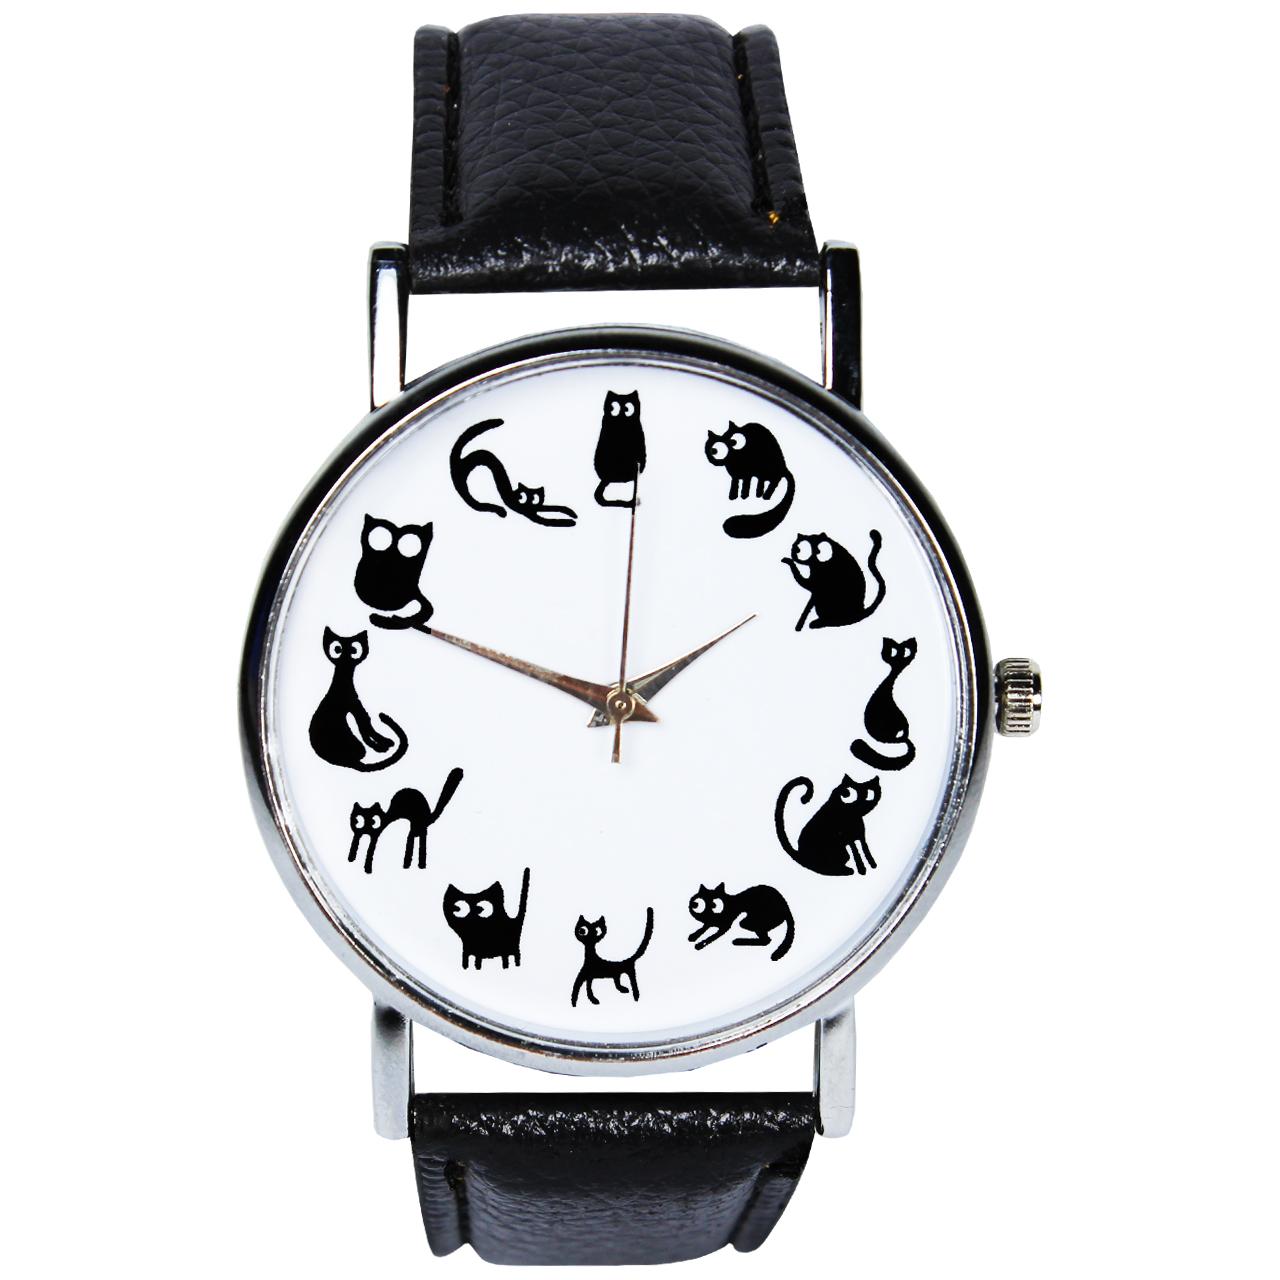 ساعت مچی عقربه ای مویا مدل گربه 002